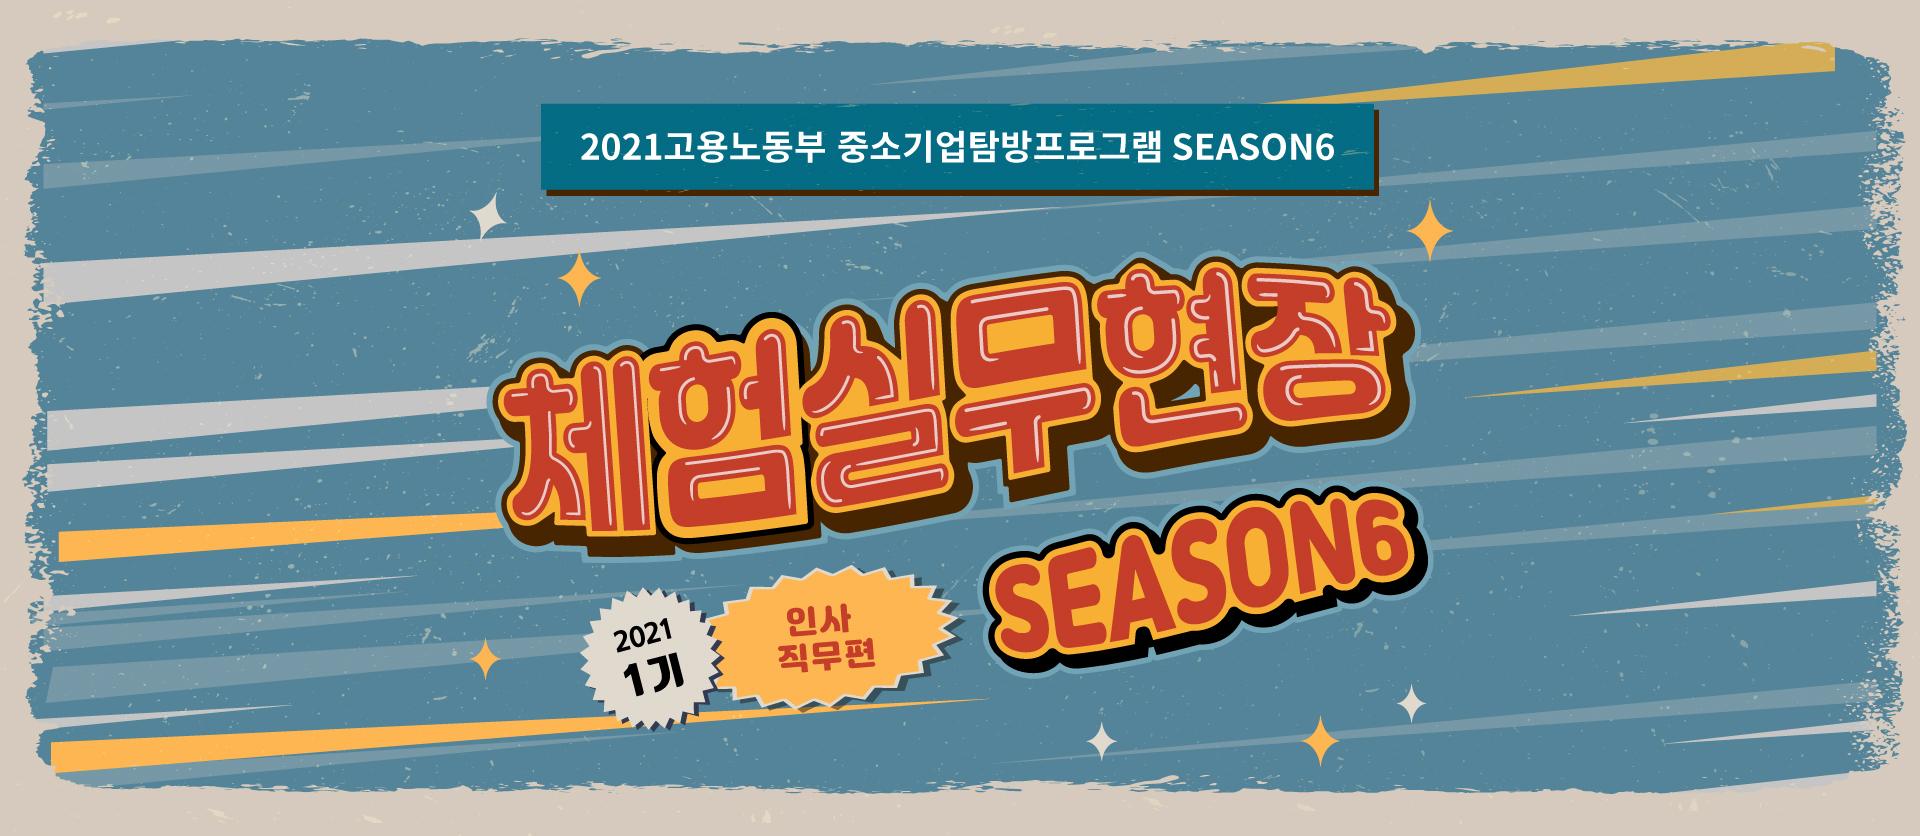 2021 체험실무현장 season6, 1기